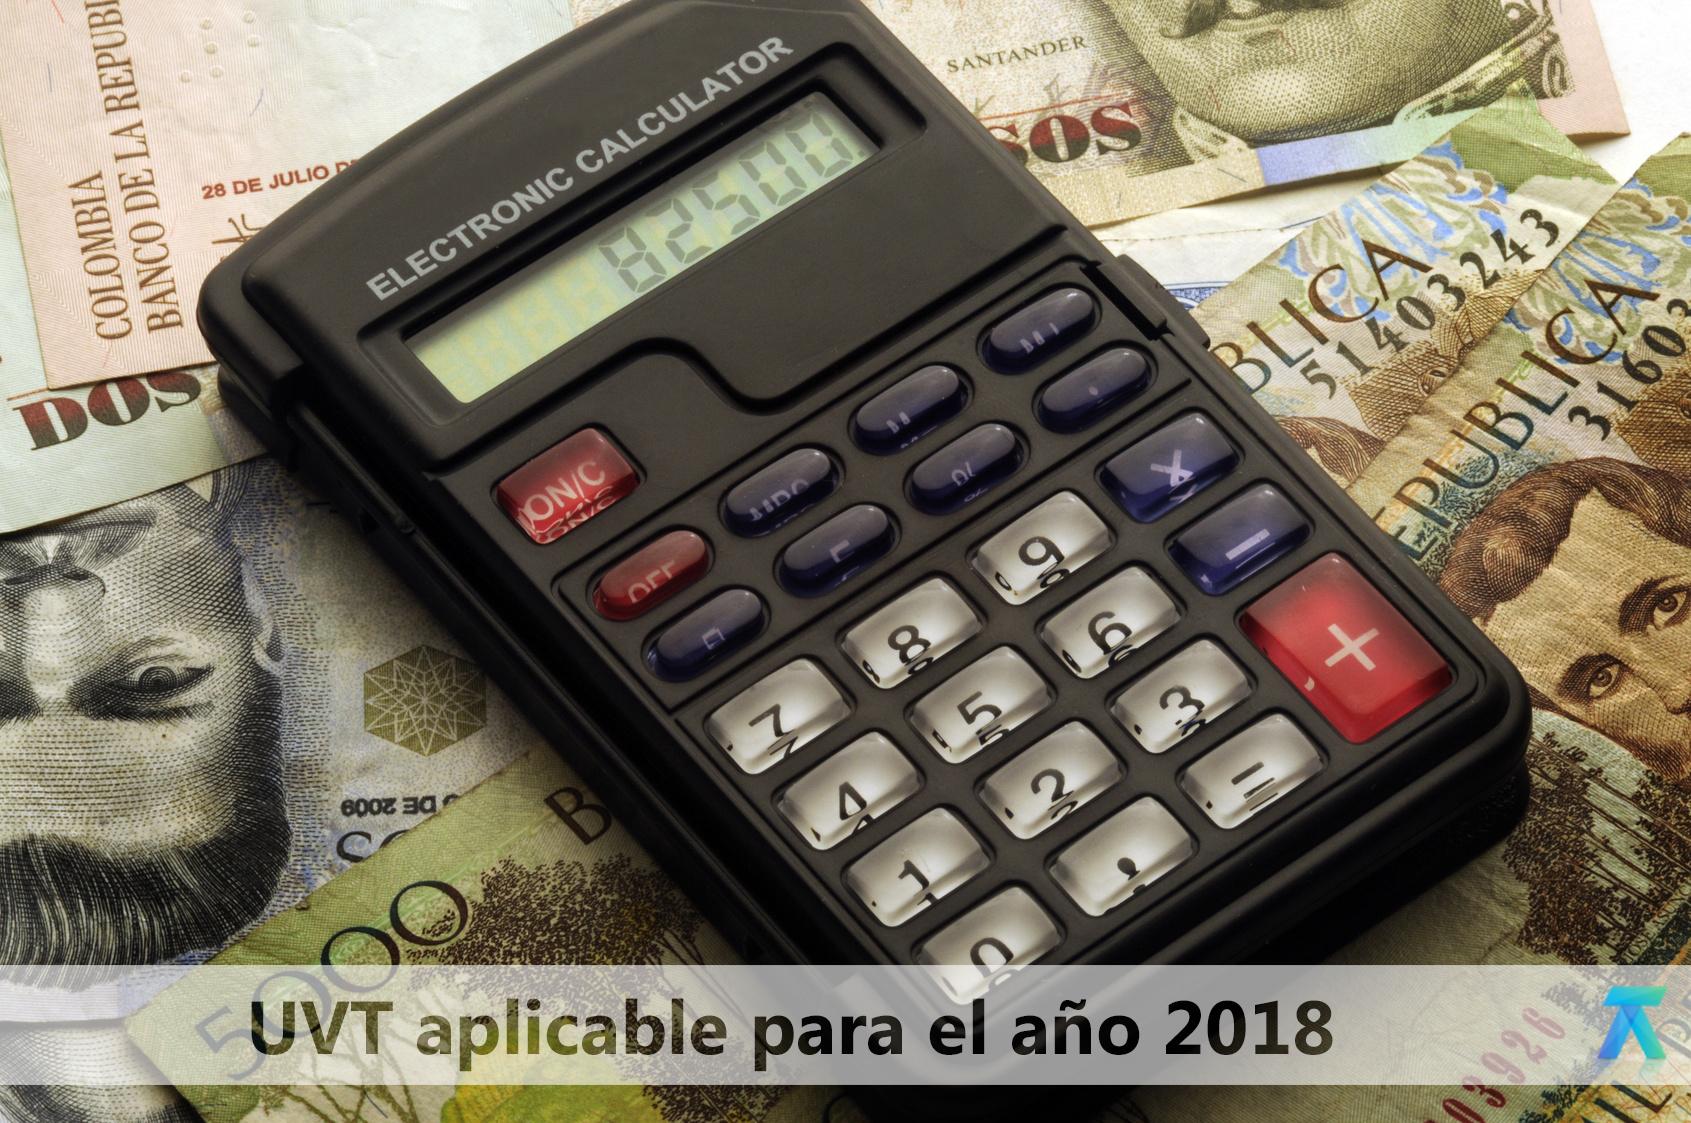 DIAN fija valor de la UVT para el año 2018